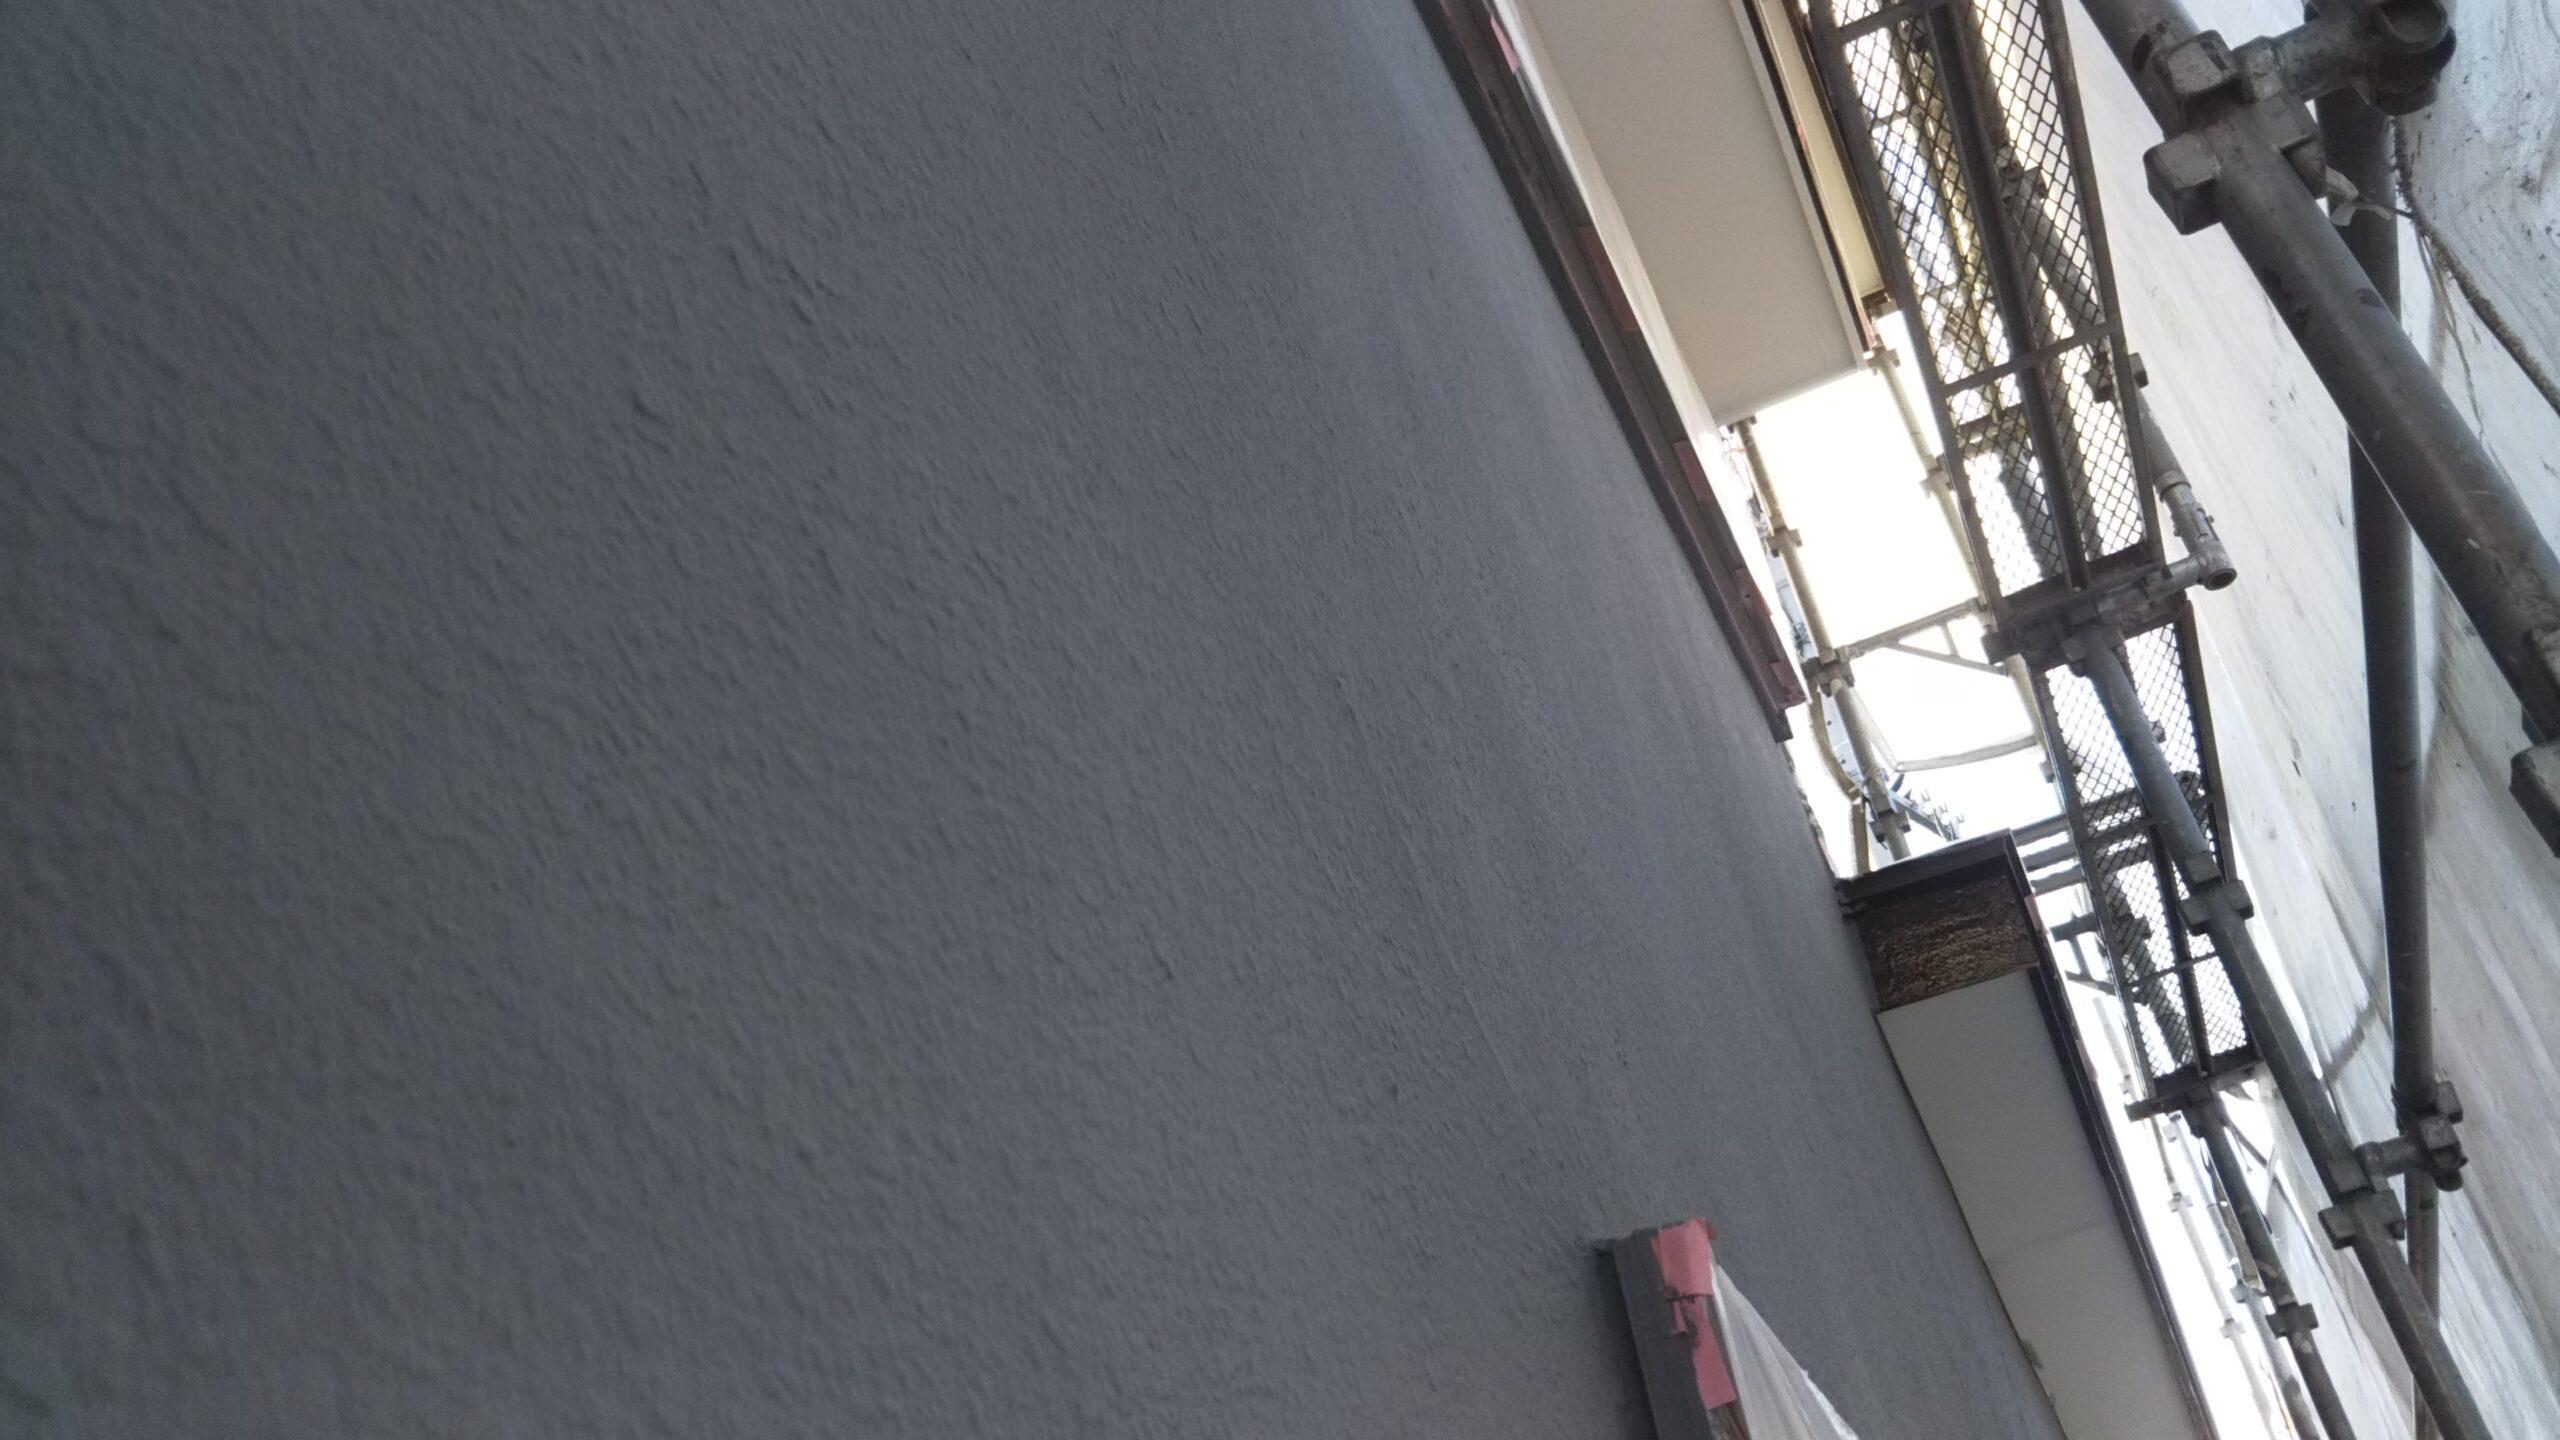 埼玉県さいたま市岩槻区のN様邸(木造2階建て)にて塗り替えリフォーム中雨のため塗装作業を中断